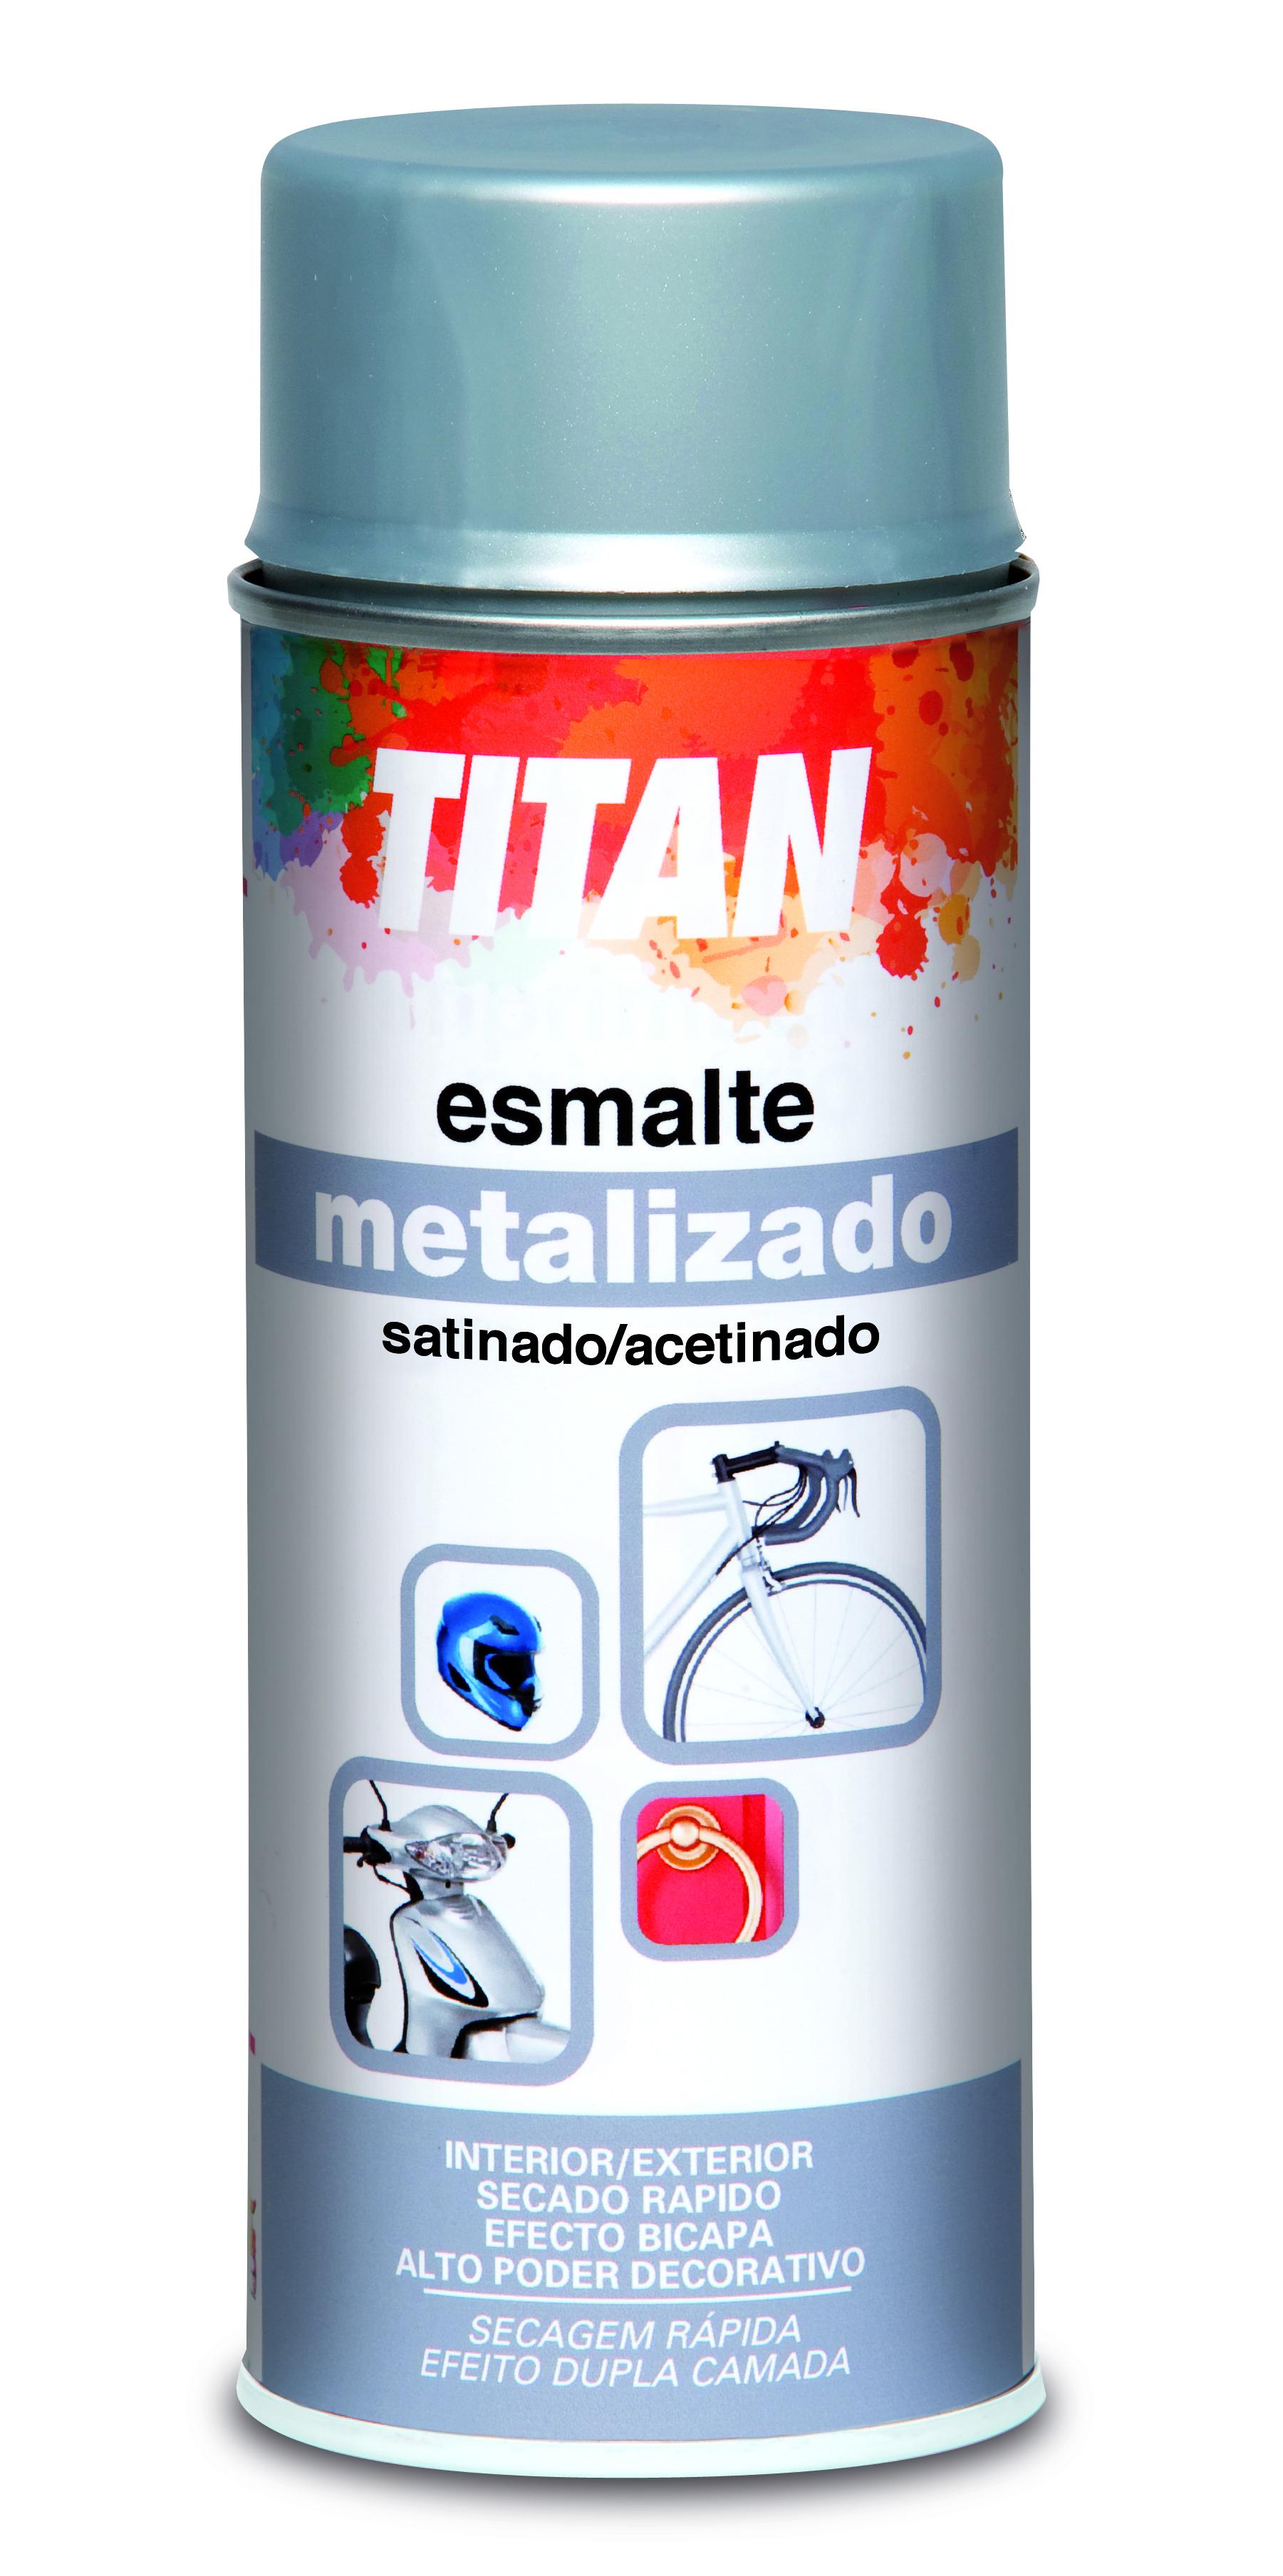 ESMALTE METALIZADO